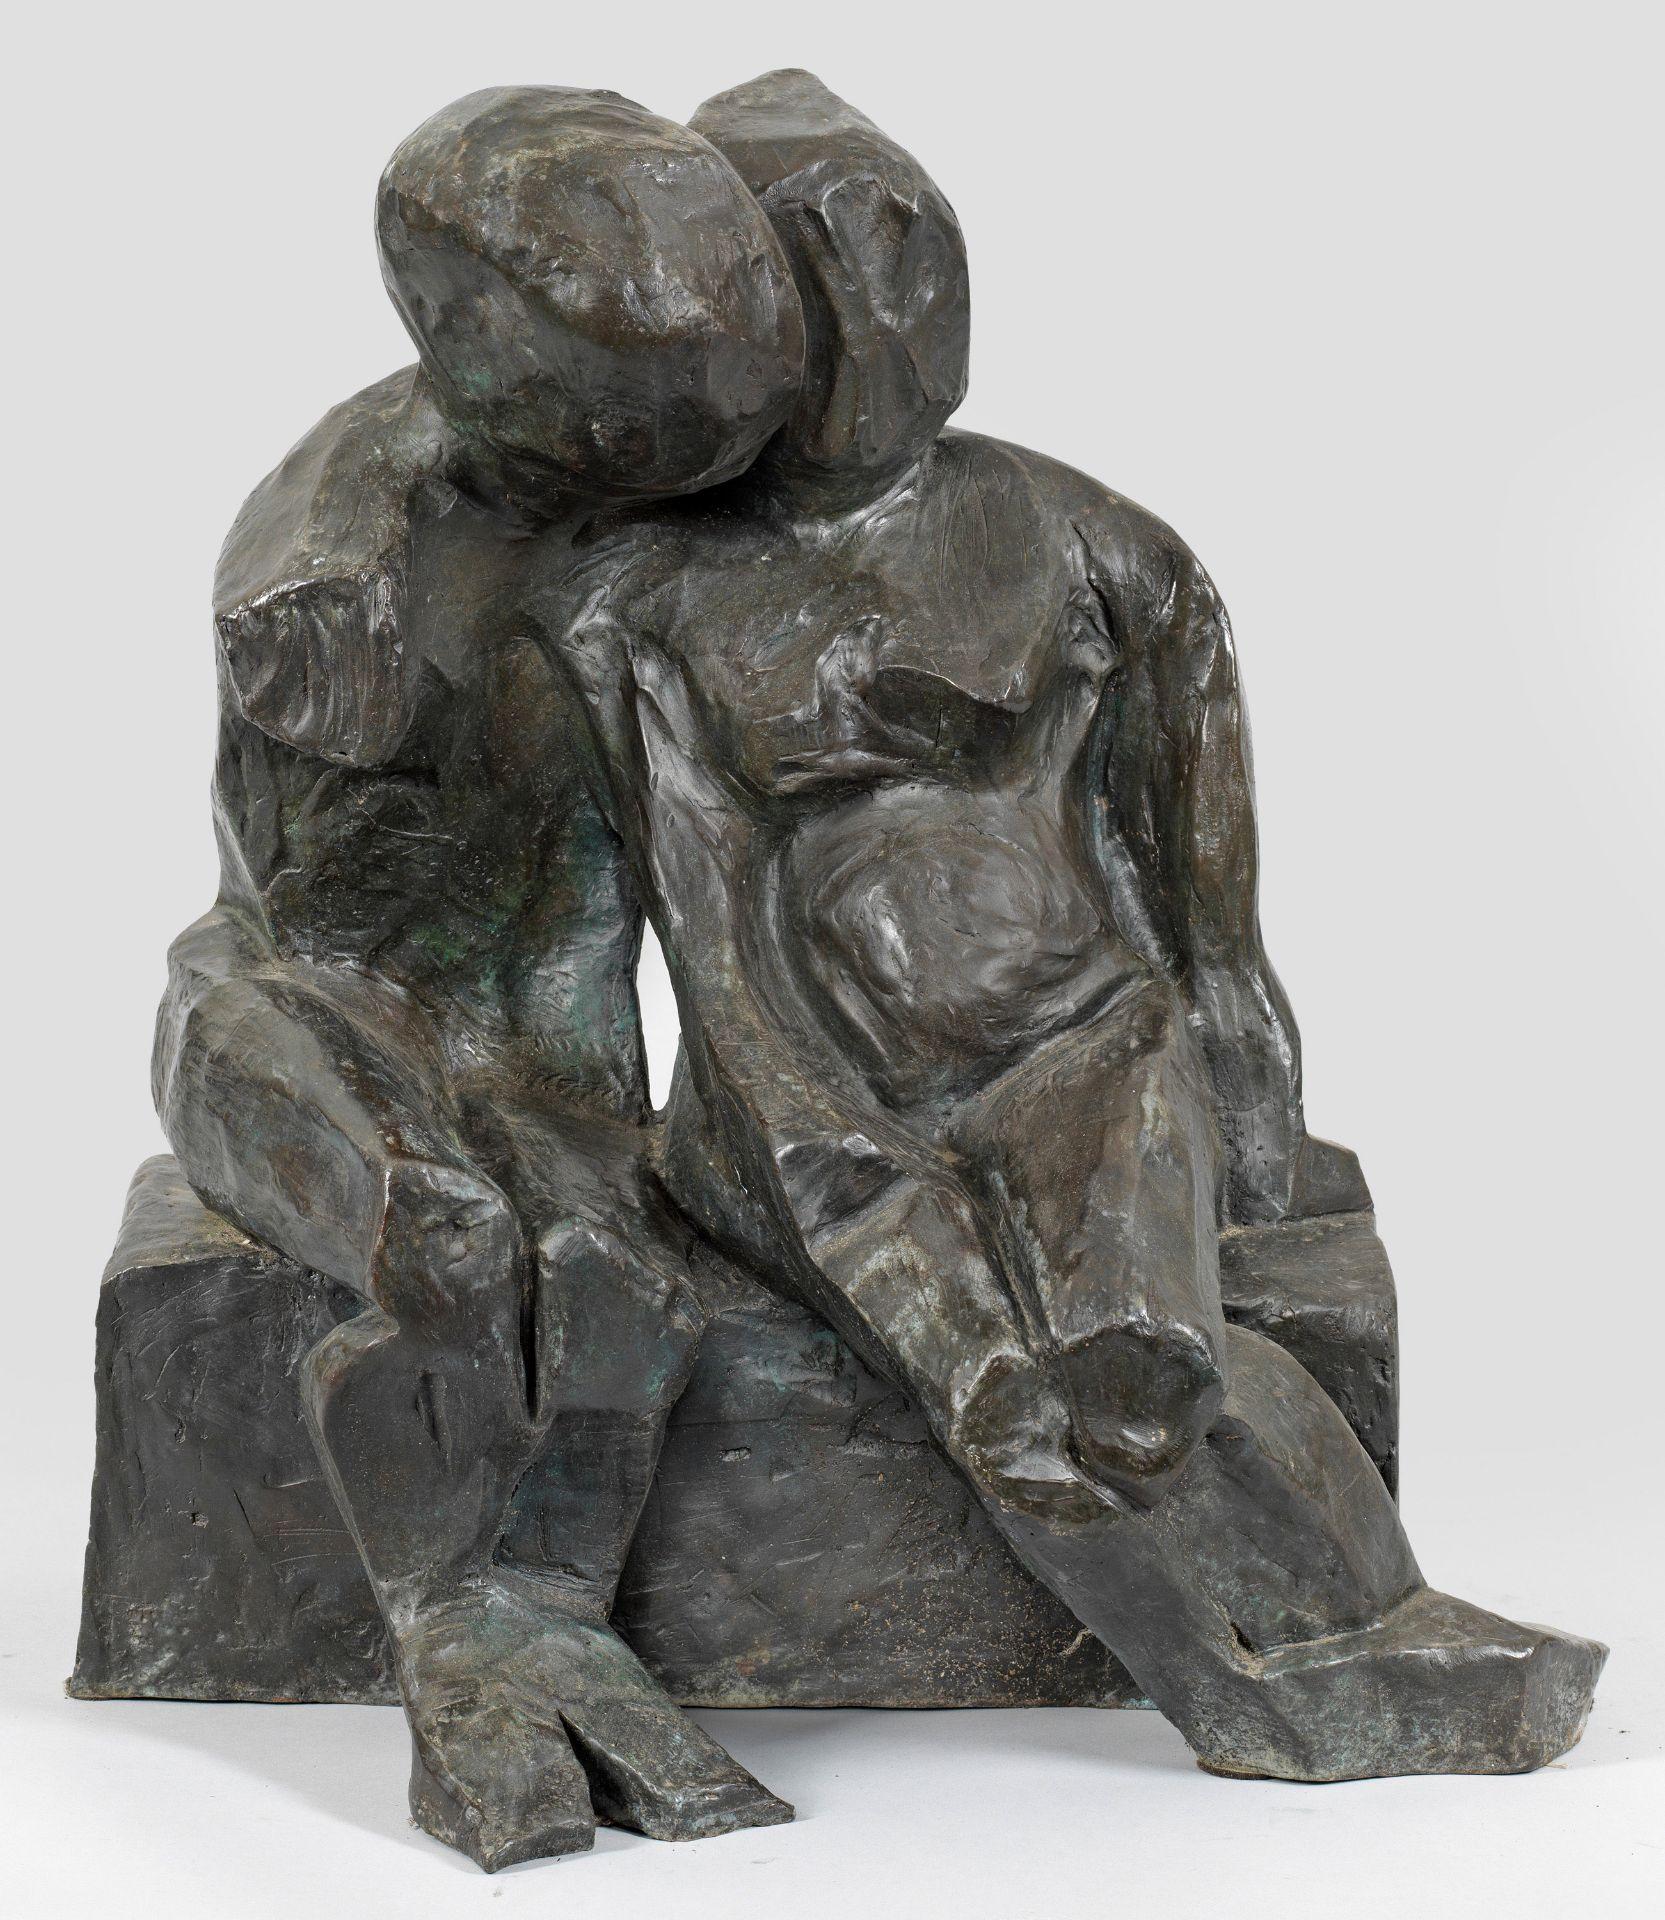 Zeitgenössischer Bildhauer